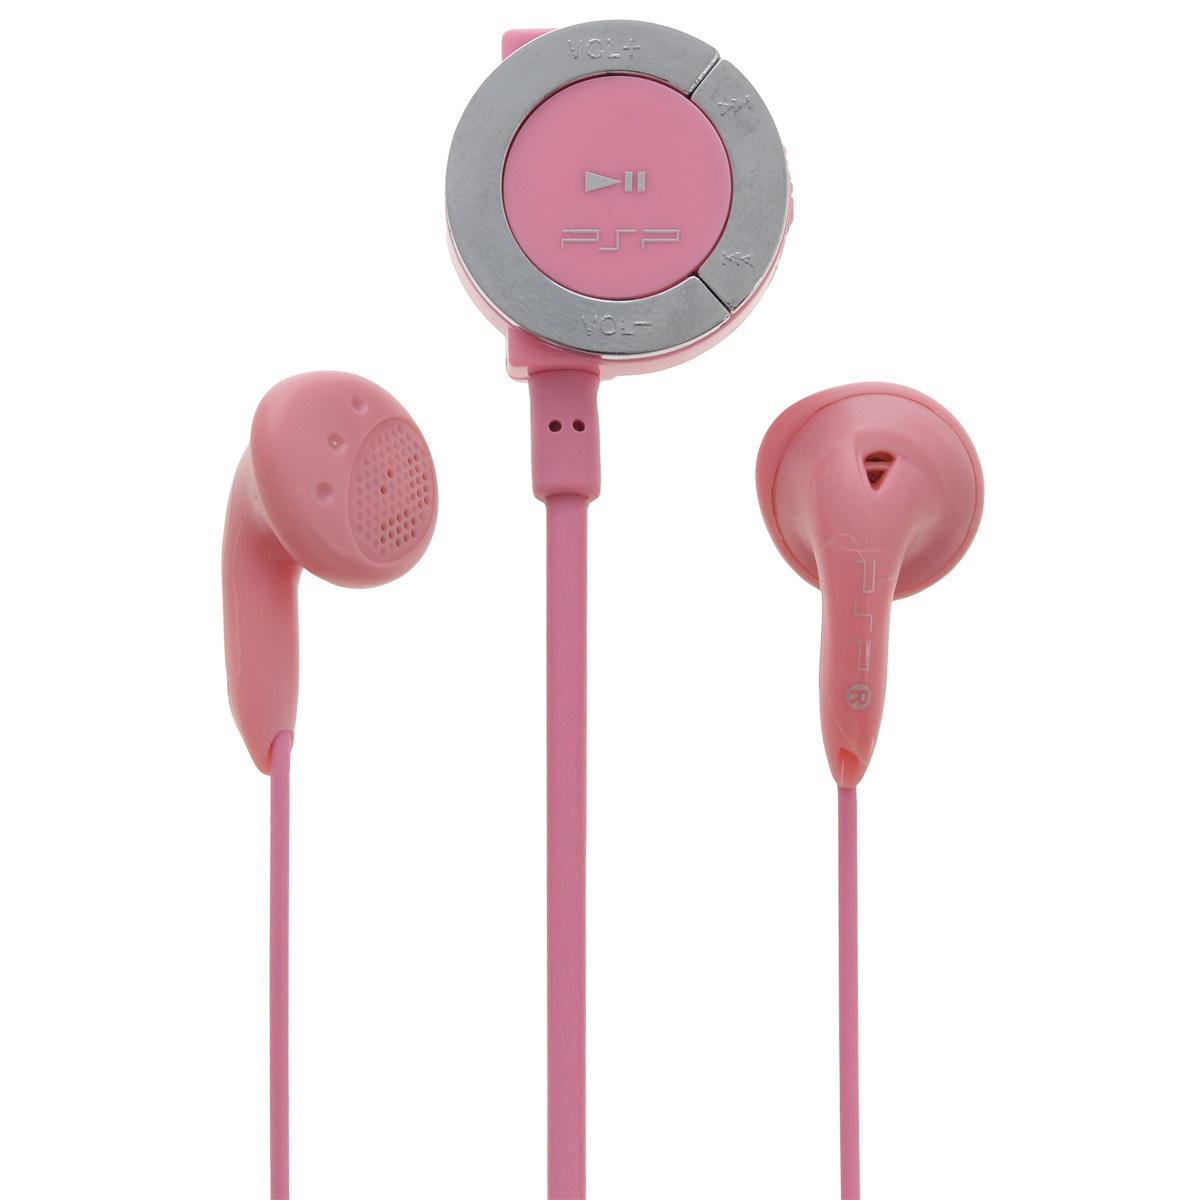 Game Guru Наушники для Sony PSP 2000/3000 (розовый)PSP2000-Y015Наушники Game Guru отлично подойдут для вашей игровоприставки Sony PSP 2000 или Sony PSP 3000. Особенностью наушников является пульт, с помощью которого можно управлять воспроизведением музыки. Функции пульта: воспроизведение/пауза, перемотка вперед/назад, переход к следующему/предыдущему треку, повышение/уменьшение громкости, а также блокировка клавиш. С наушниками Game Guru для Sony PSP 2000/3000 вы сможете полностью погрузиться в мир музыки, фильмов и игр.